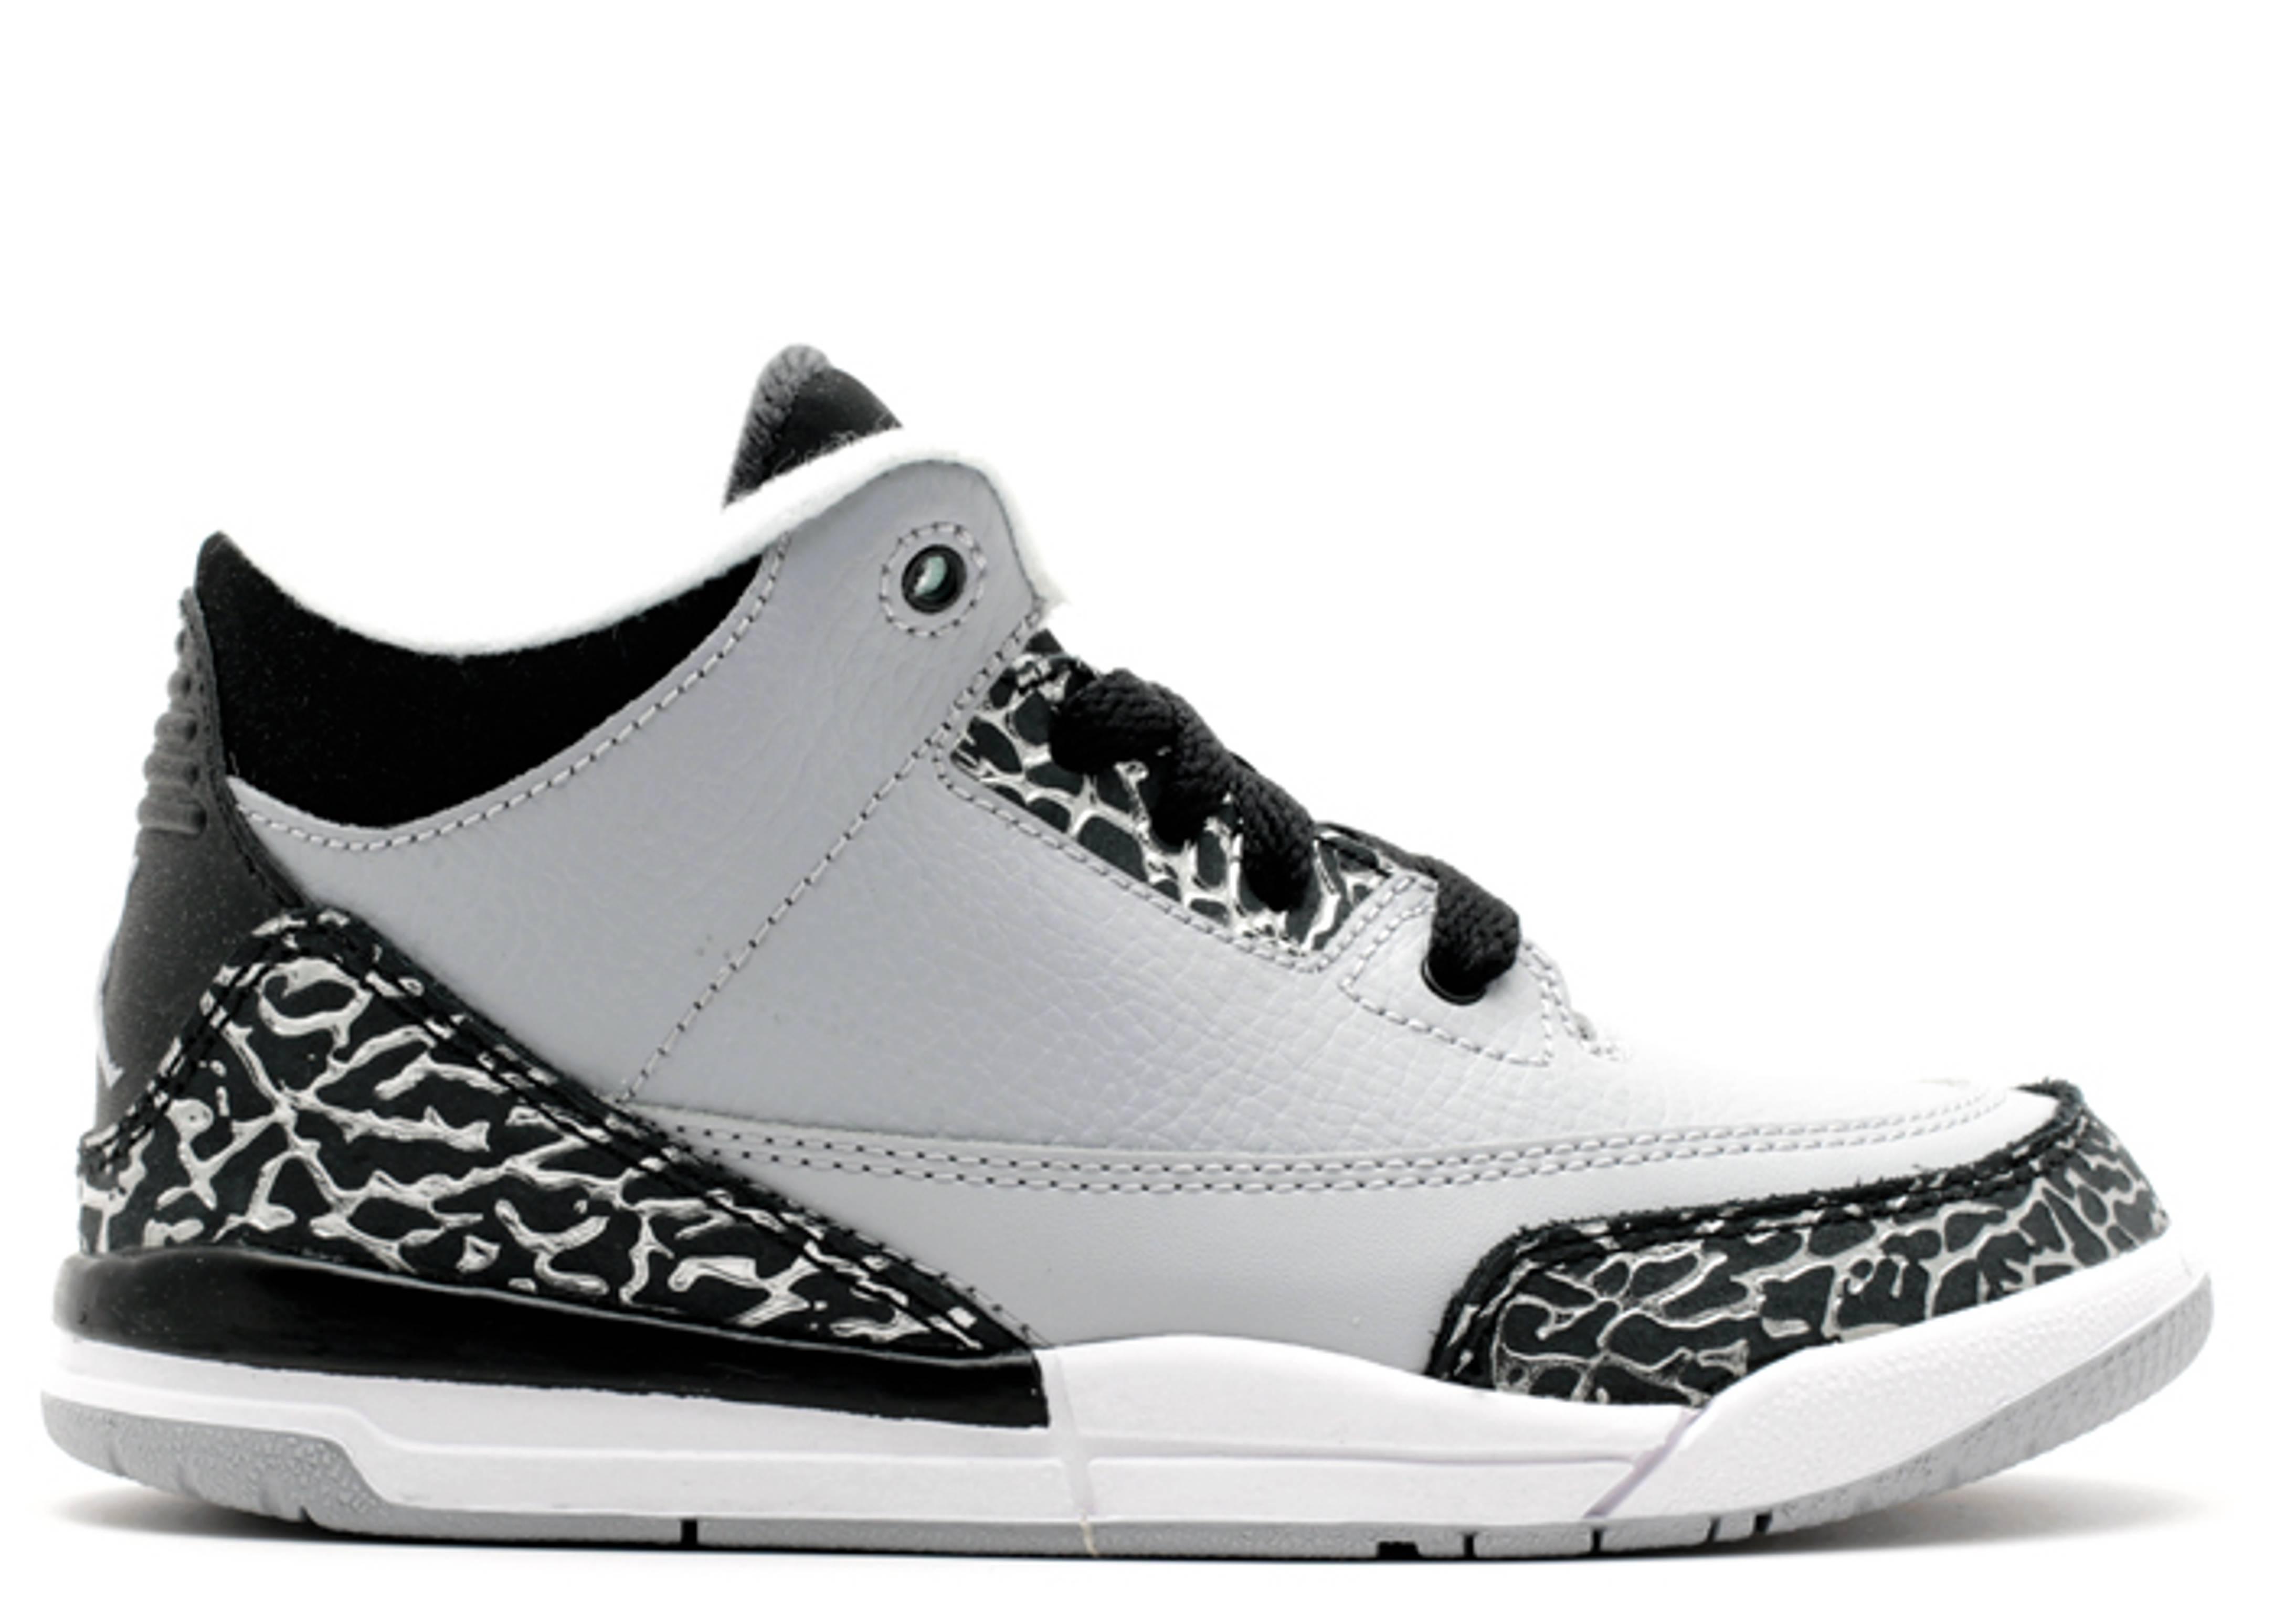 d1be3c6d7db Jordan 3 Retro Bp